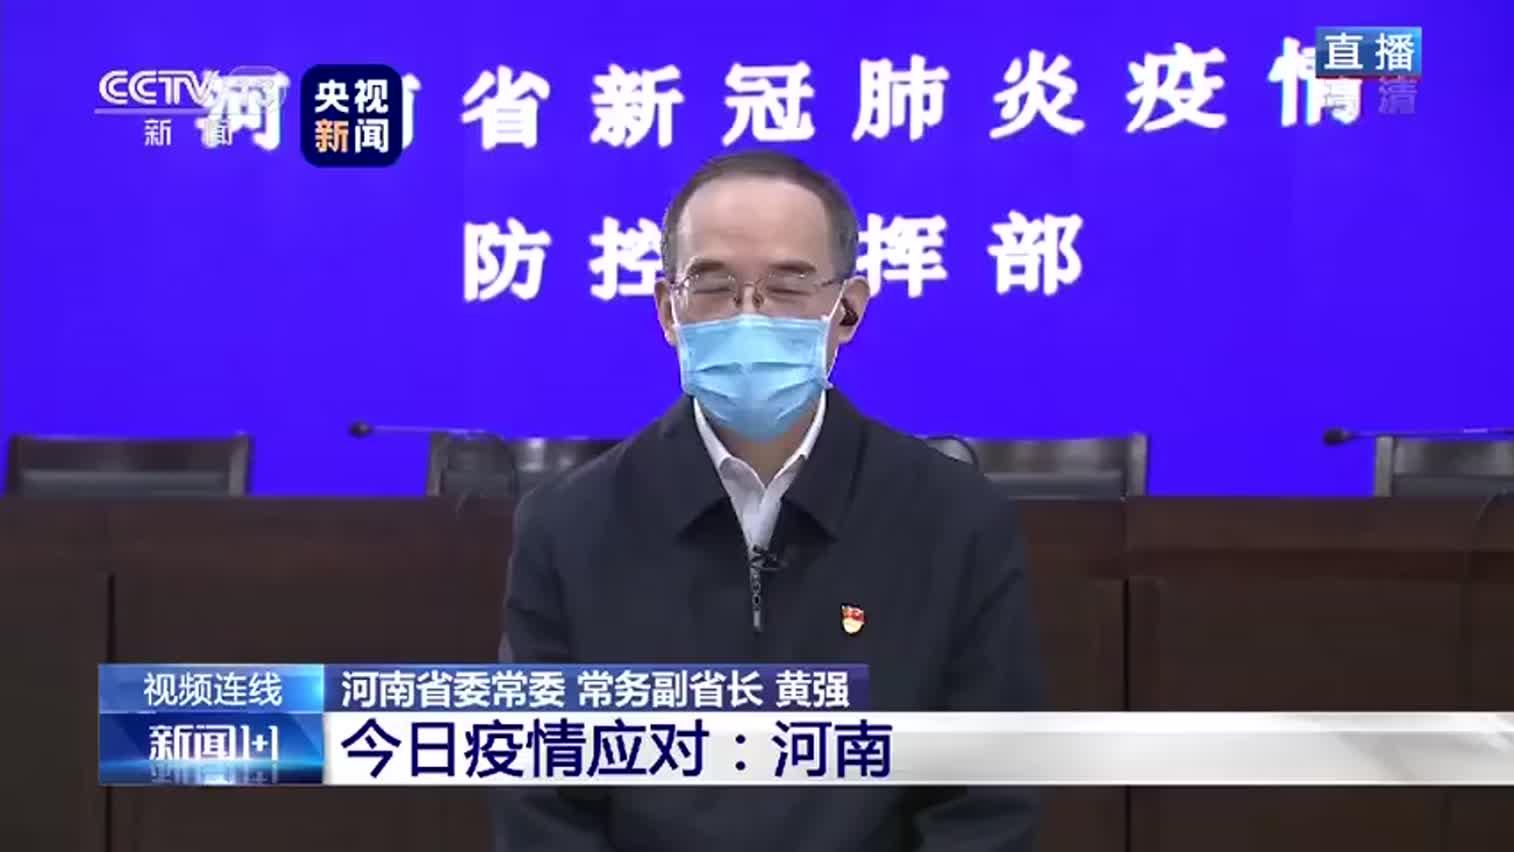 视频-河南省副省长回应硬核防疫:人民威力大